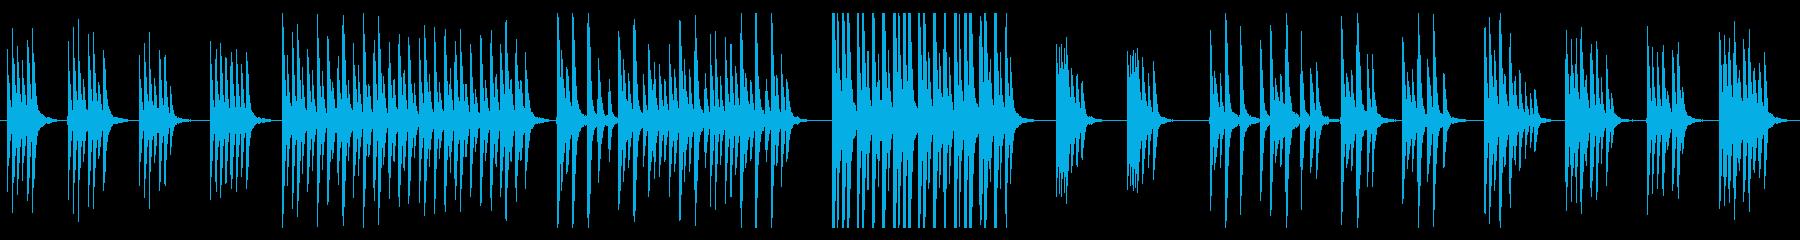 不思議と場面になじむ便利な民族楽器曲。の再生済みの波形